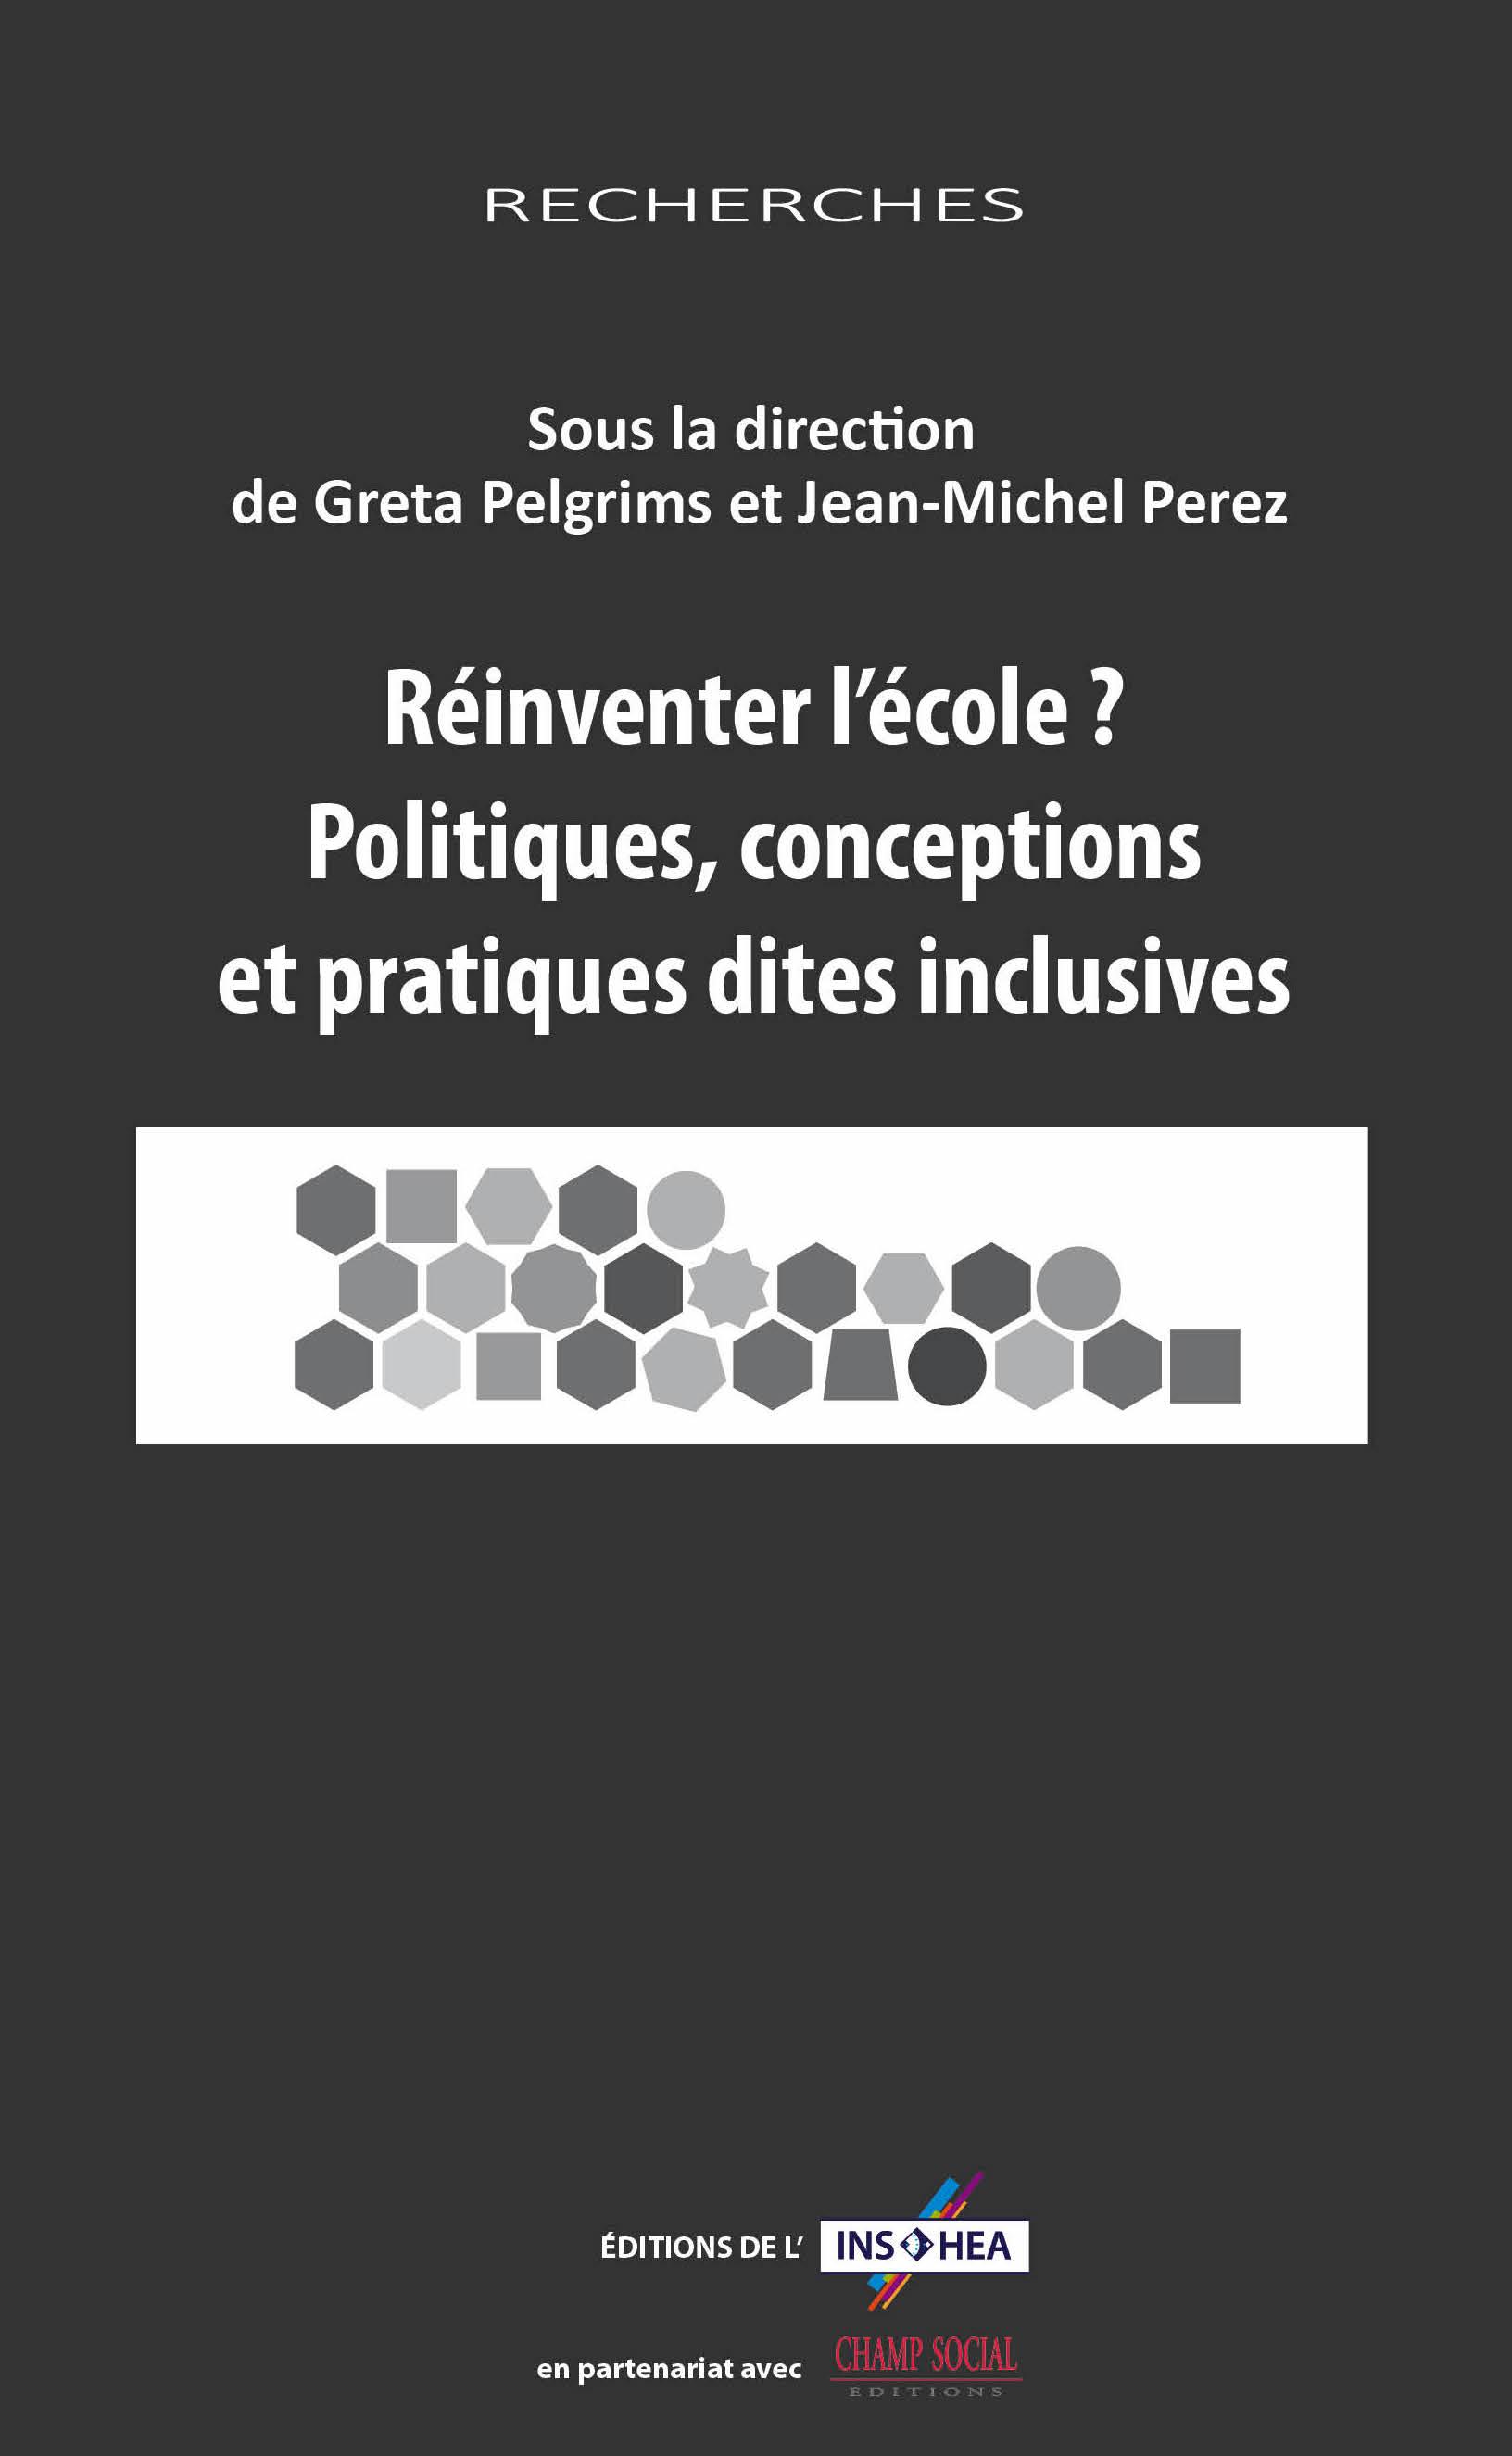 Couverture de l'ouvrage «Réinventer l'école ? Politiques, conceptions et pratiques dites inclusives»